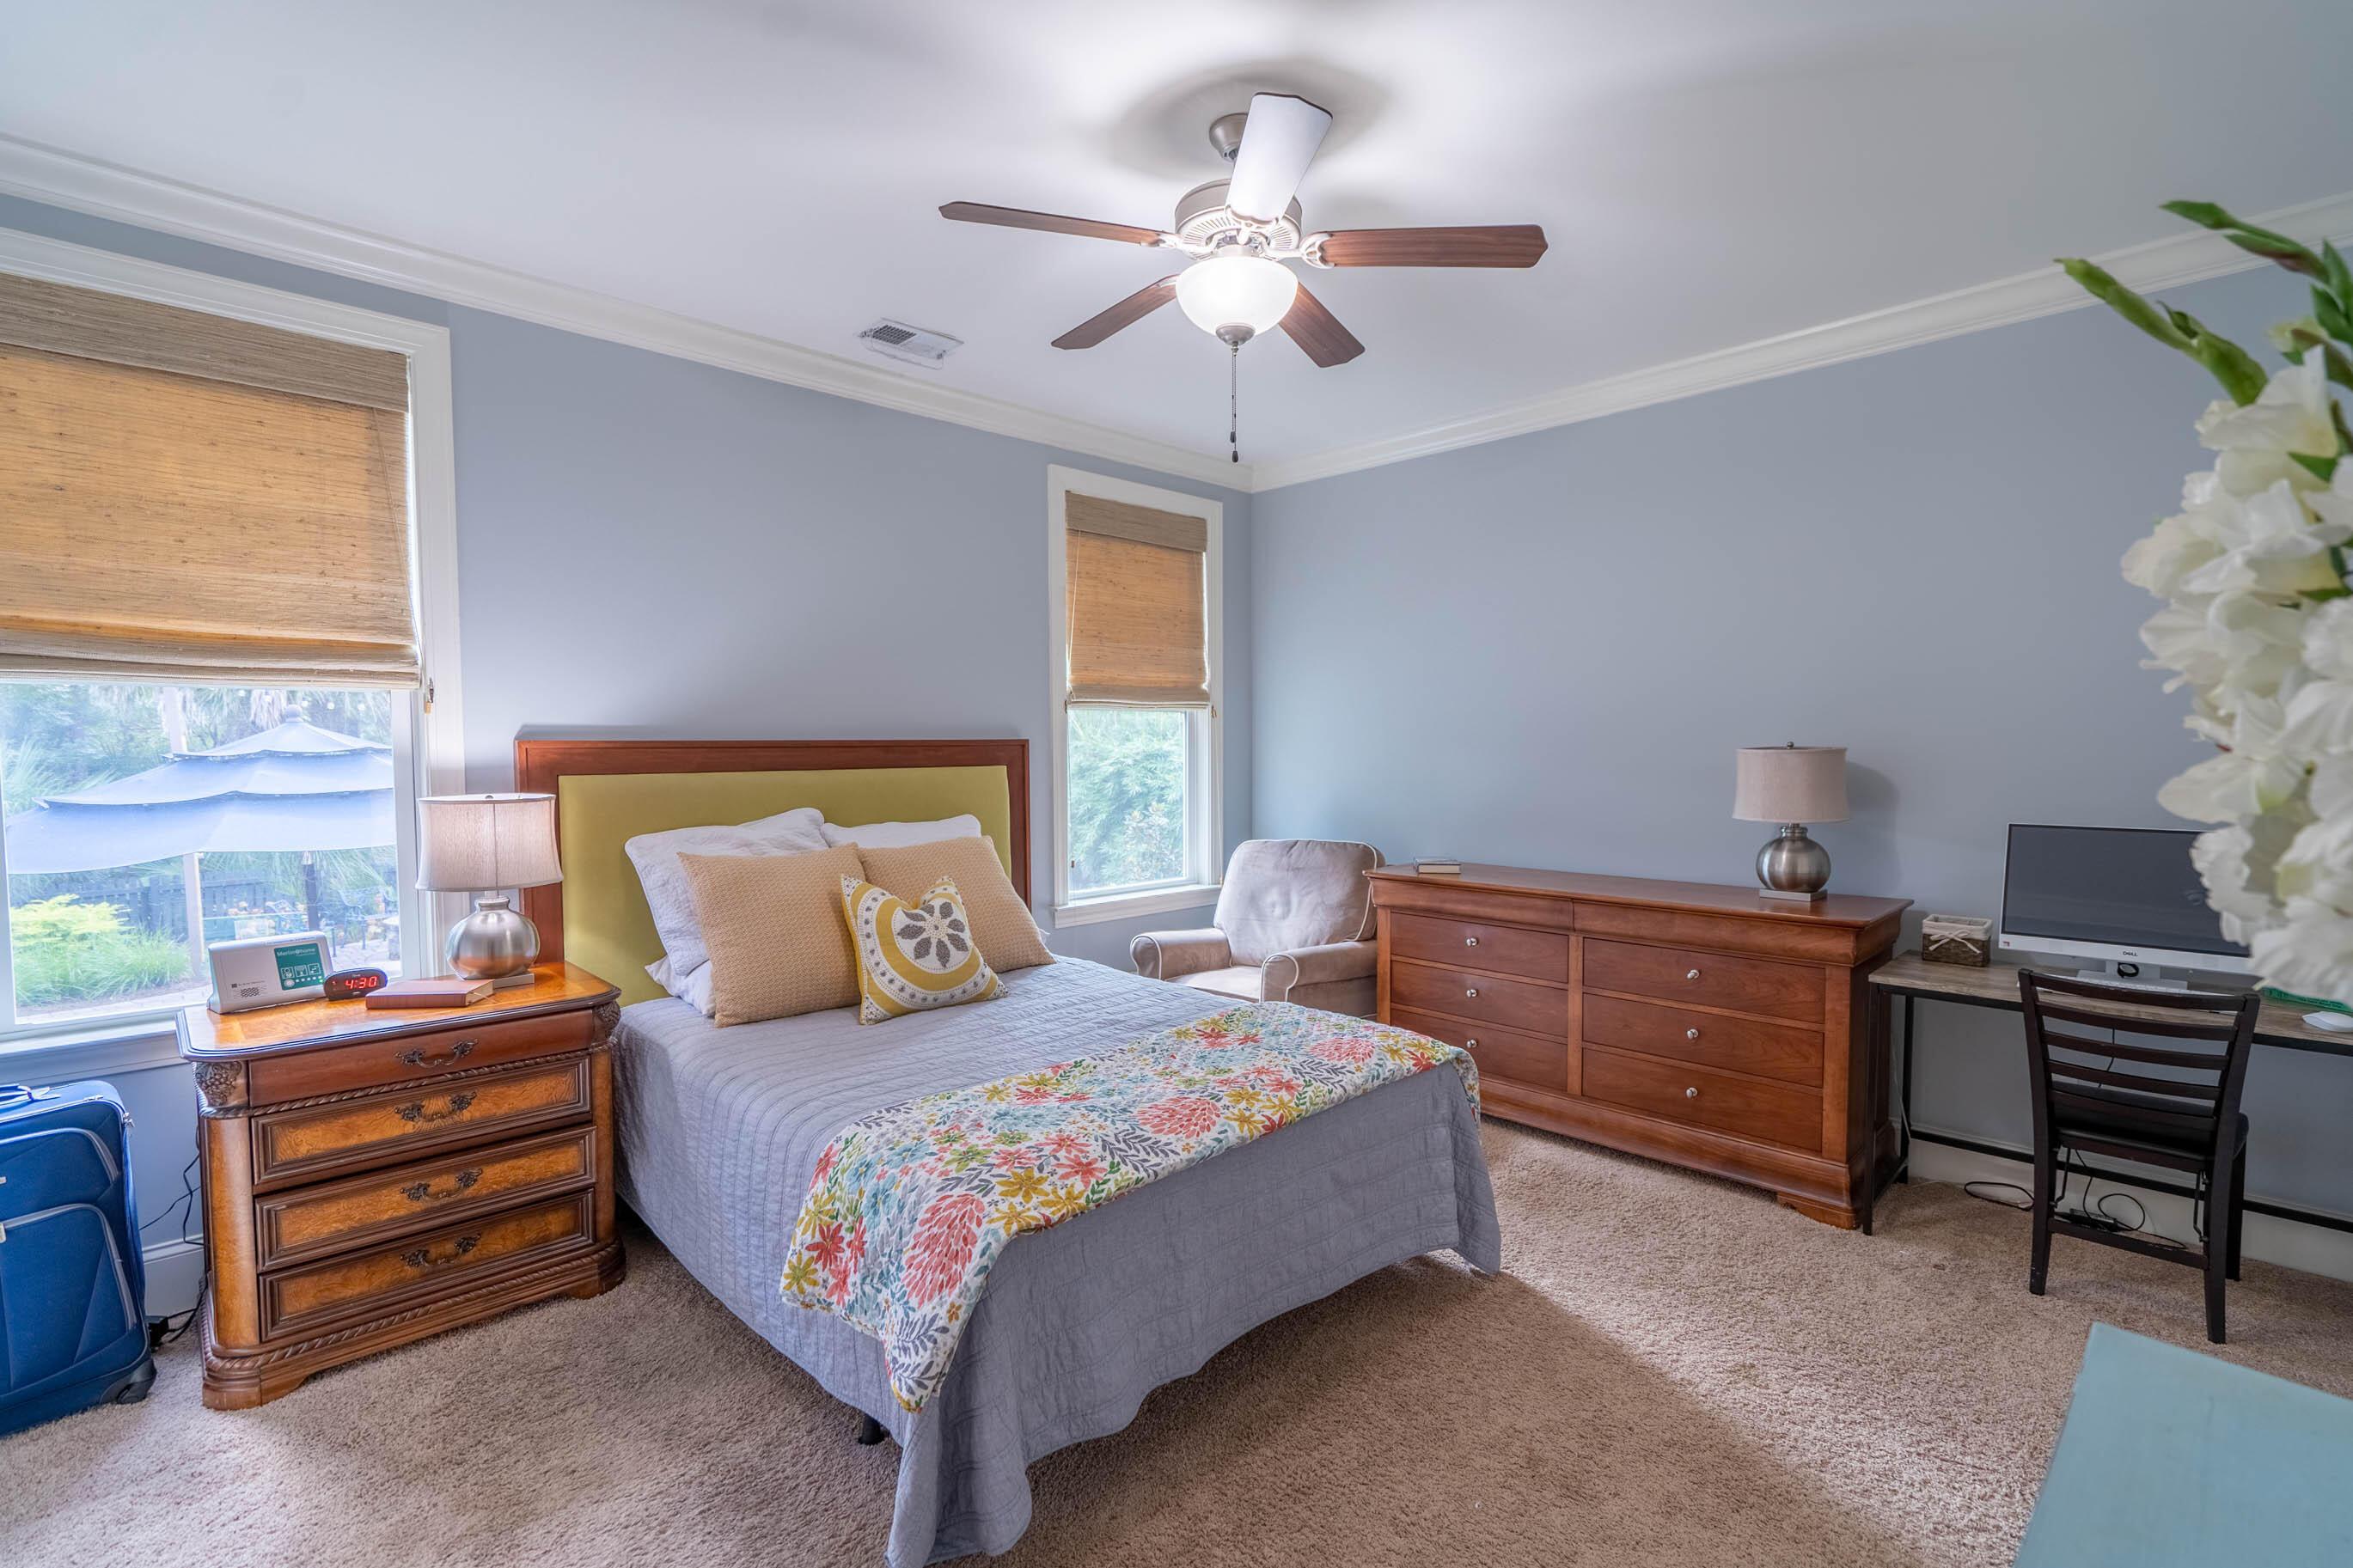 Dunes West Homes For Sale - 2997 Sturbridge, Mount Pleasant, SC - 51